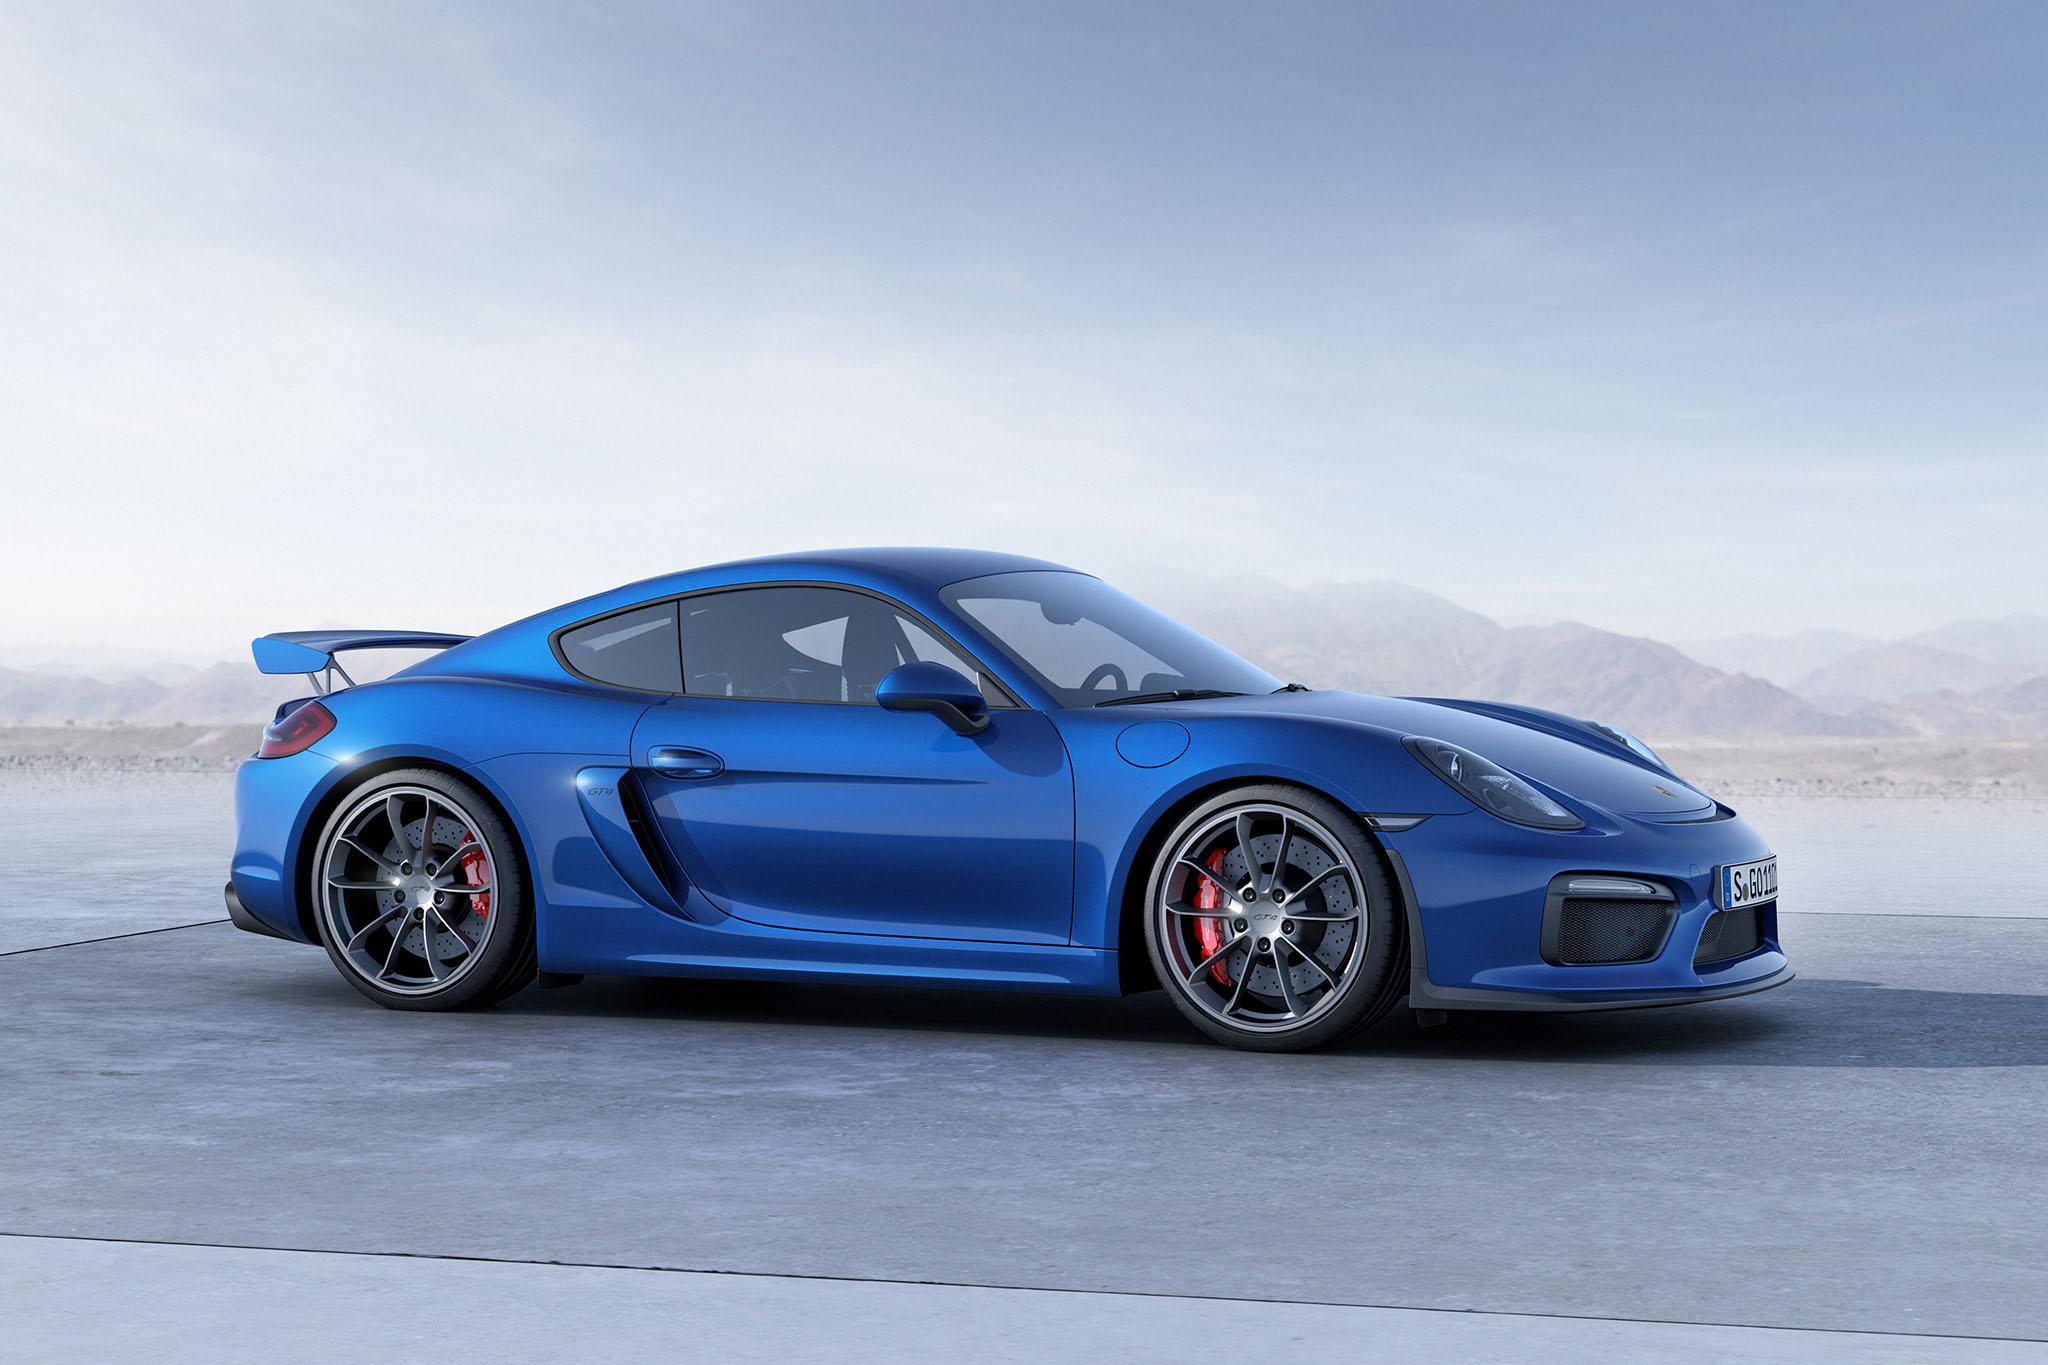 PorscheCaymanGT4 11